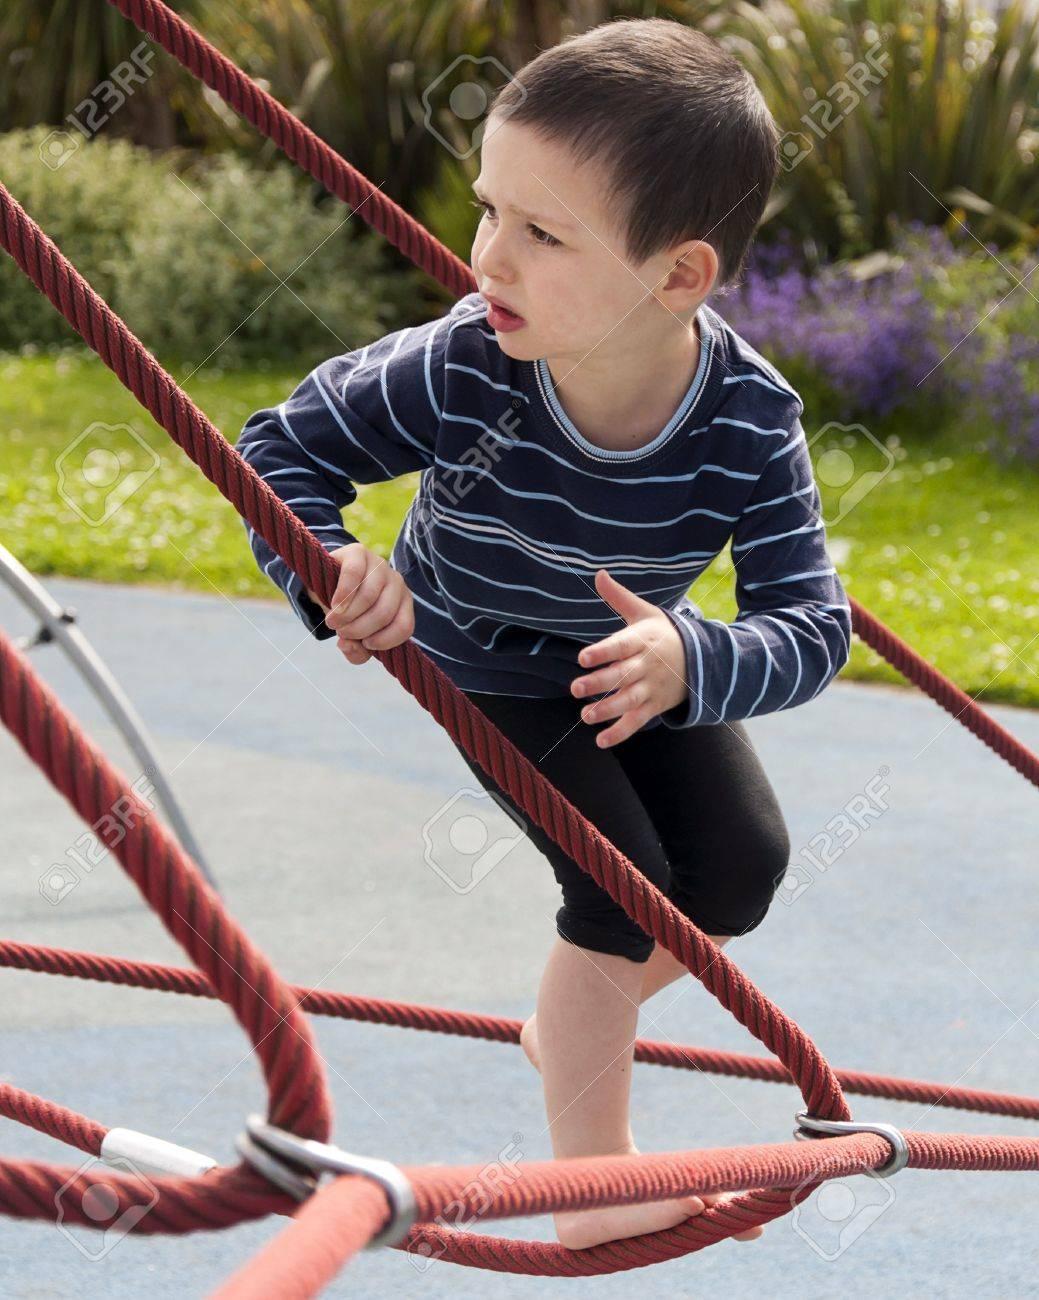 Niño Jugando Descalzo En El Patio De Una Cuerda De Escalada Equipo ...